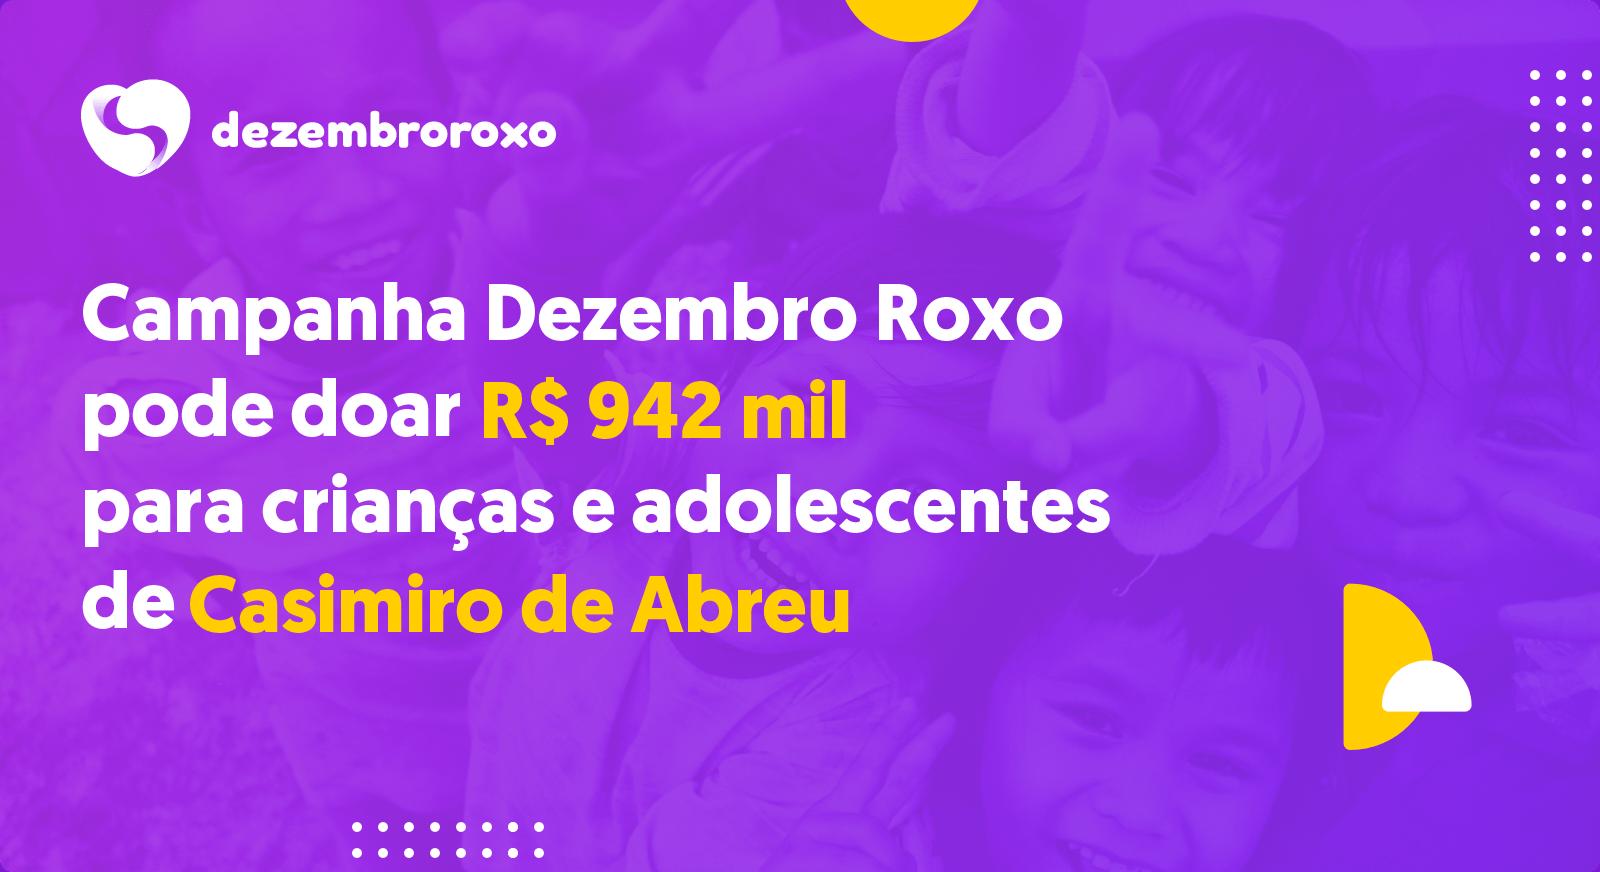 Doações em Casimiro de Abreu - RJ